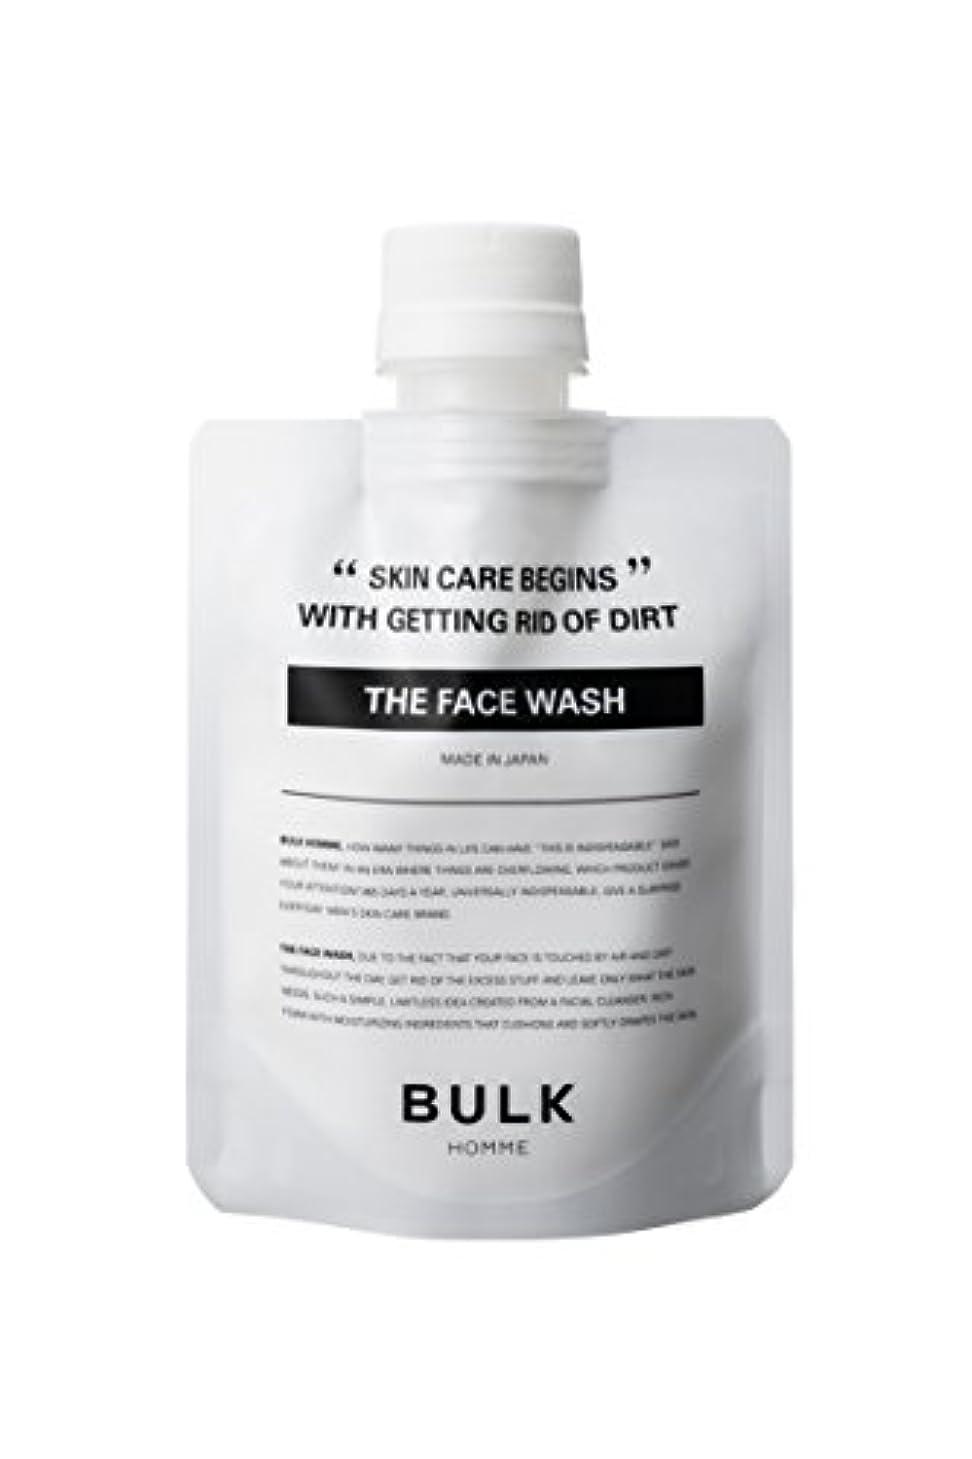 レーニン主義経営者喉が渇いたバルクオム (BULK HOMME) BULK HOMME THE FACE WASH 洗顔料 単品 100g